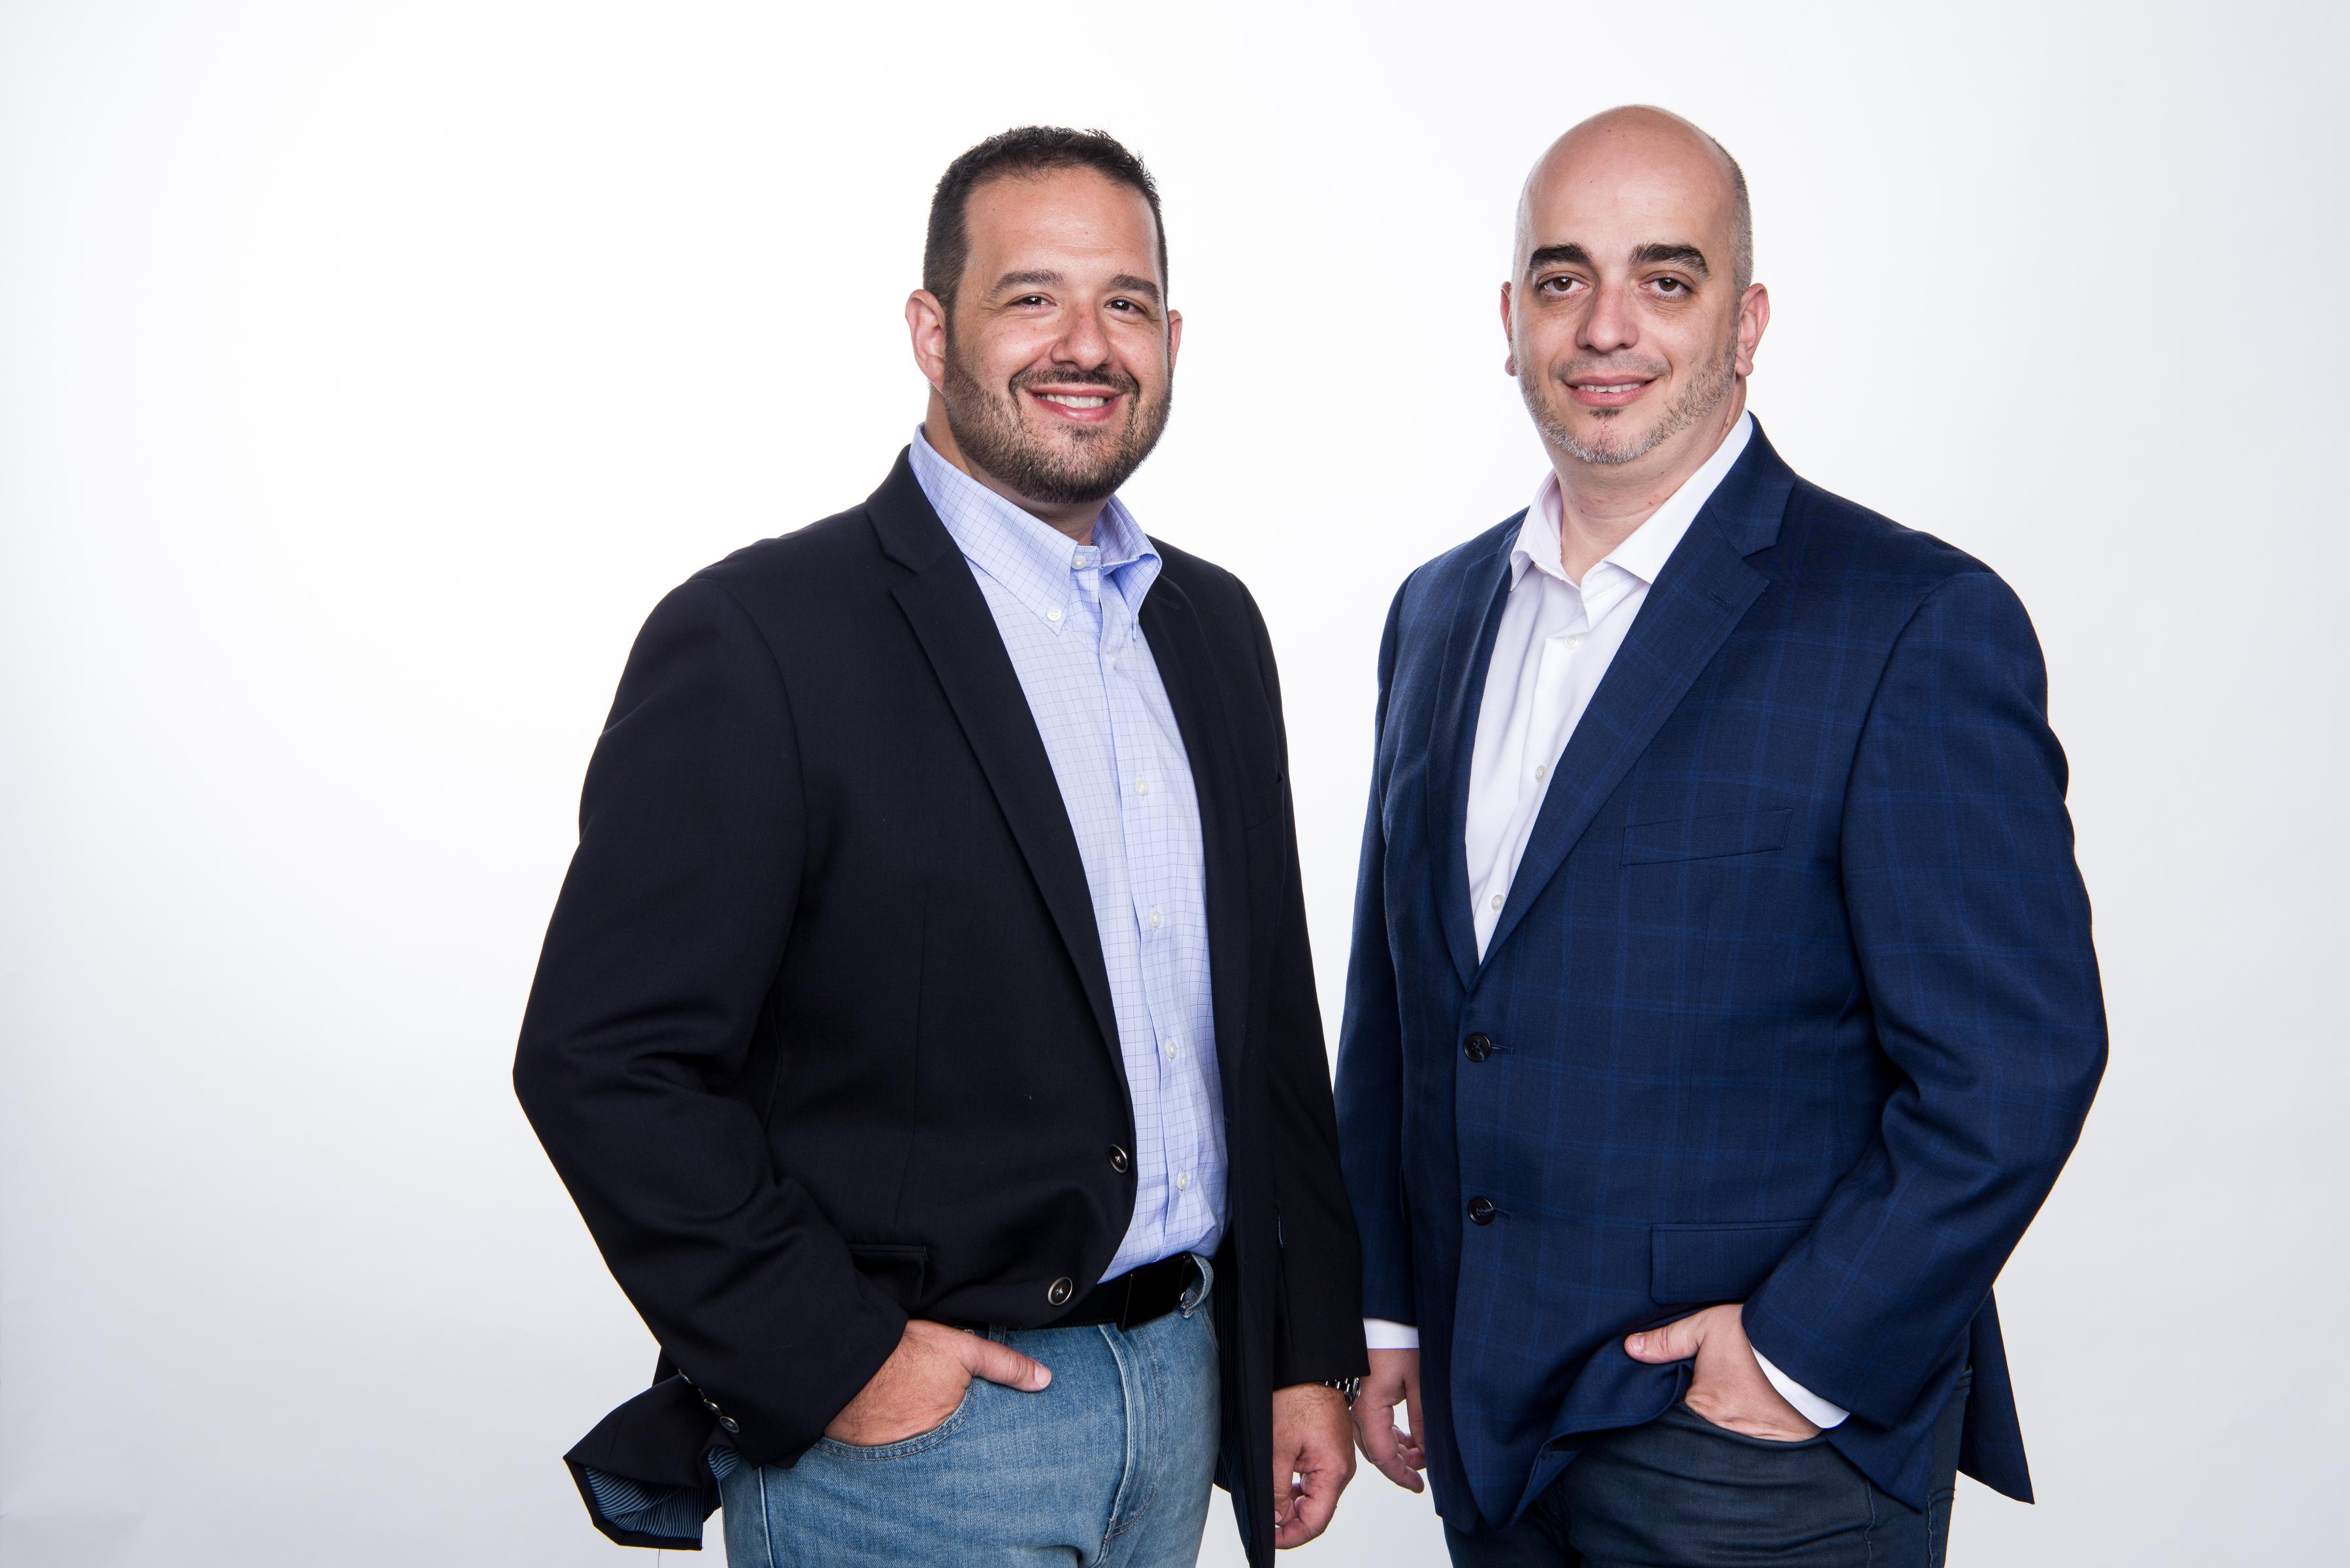 Ian Marlow and Duarte Pereira